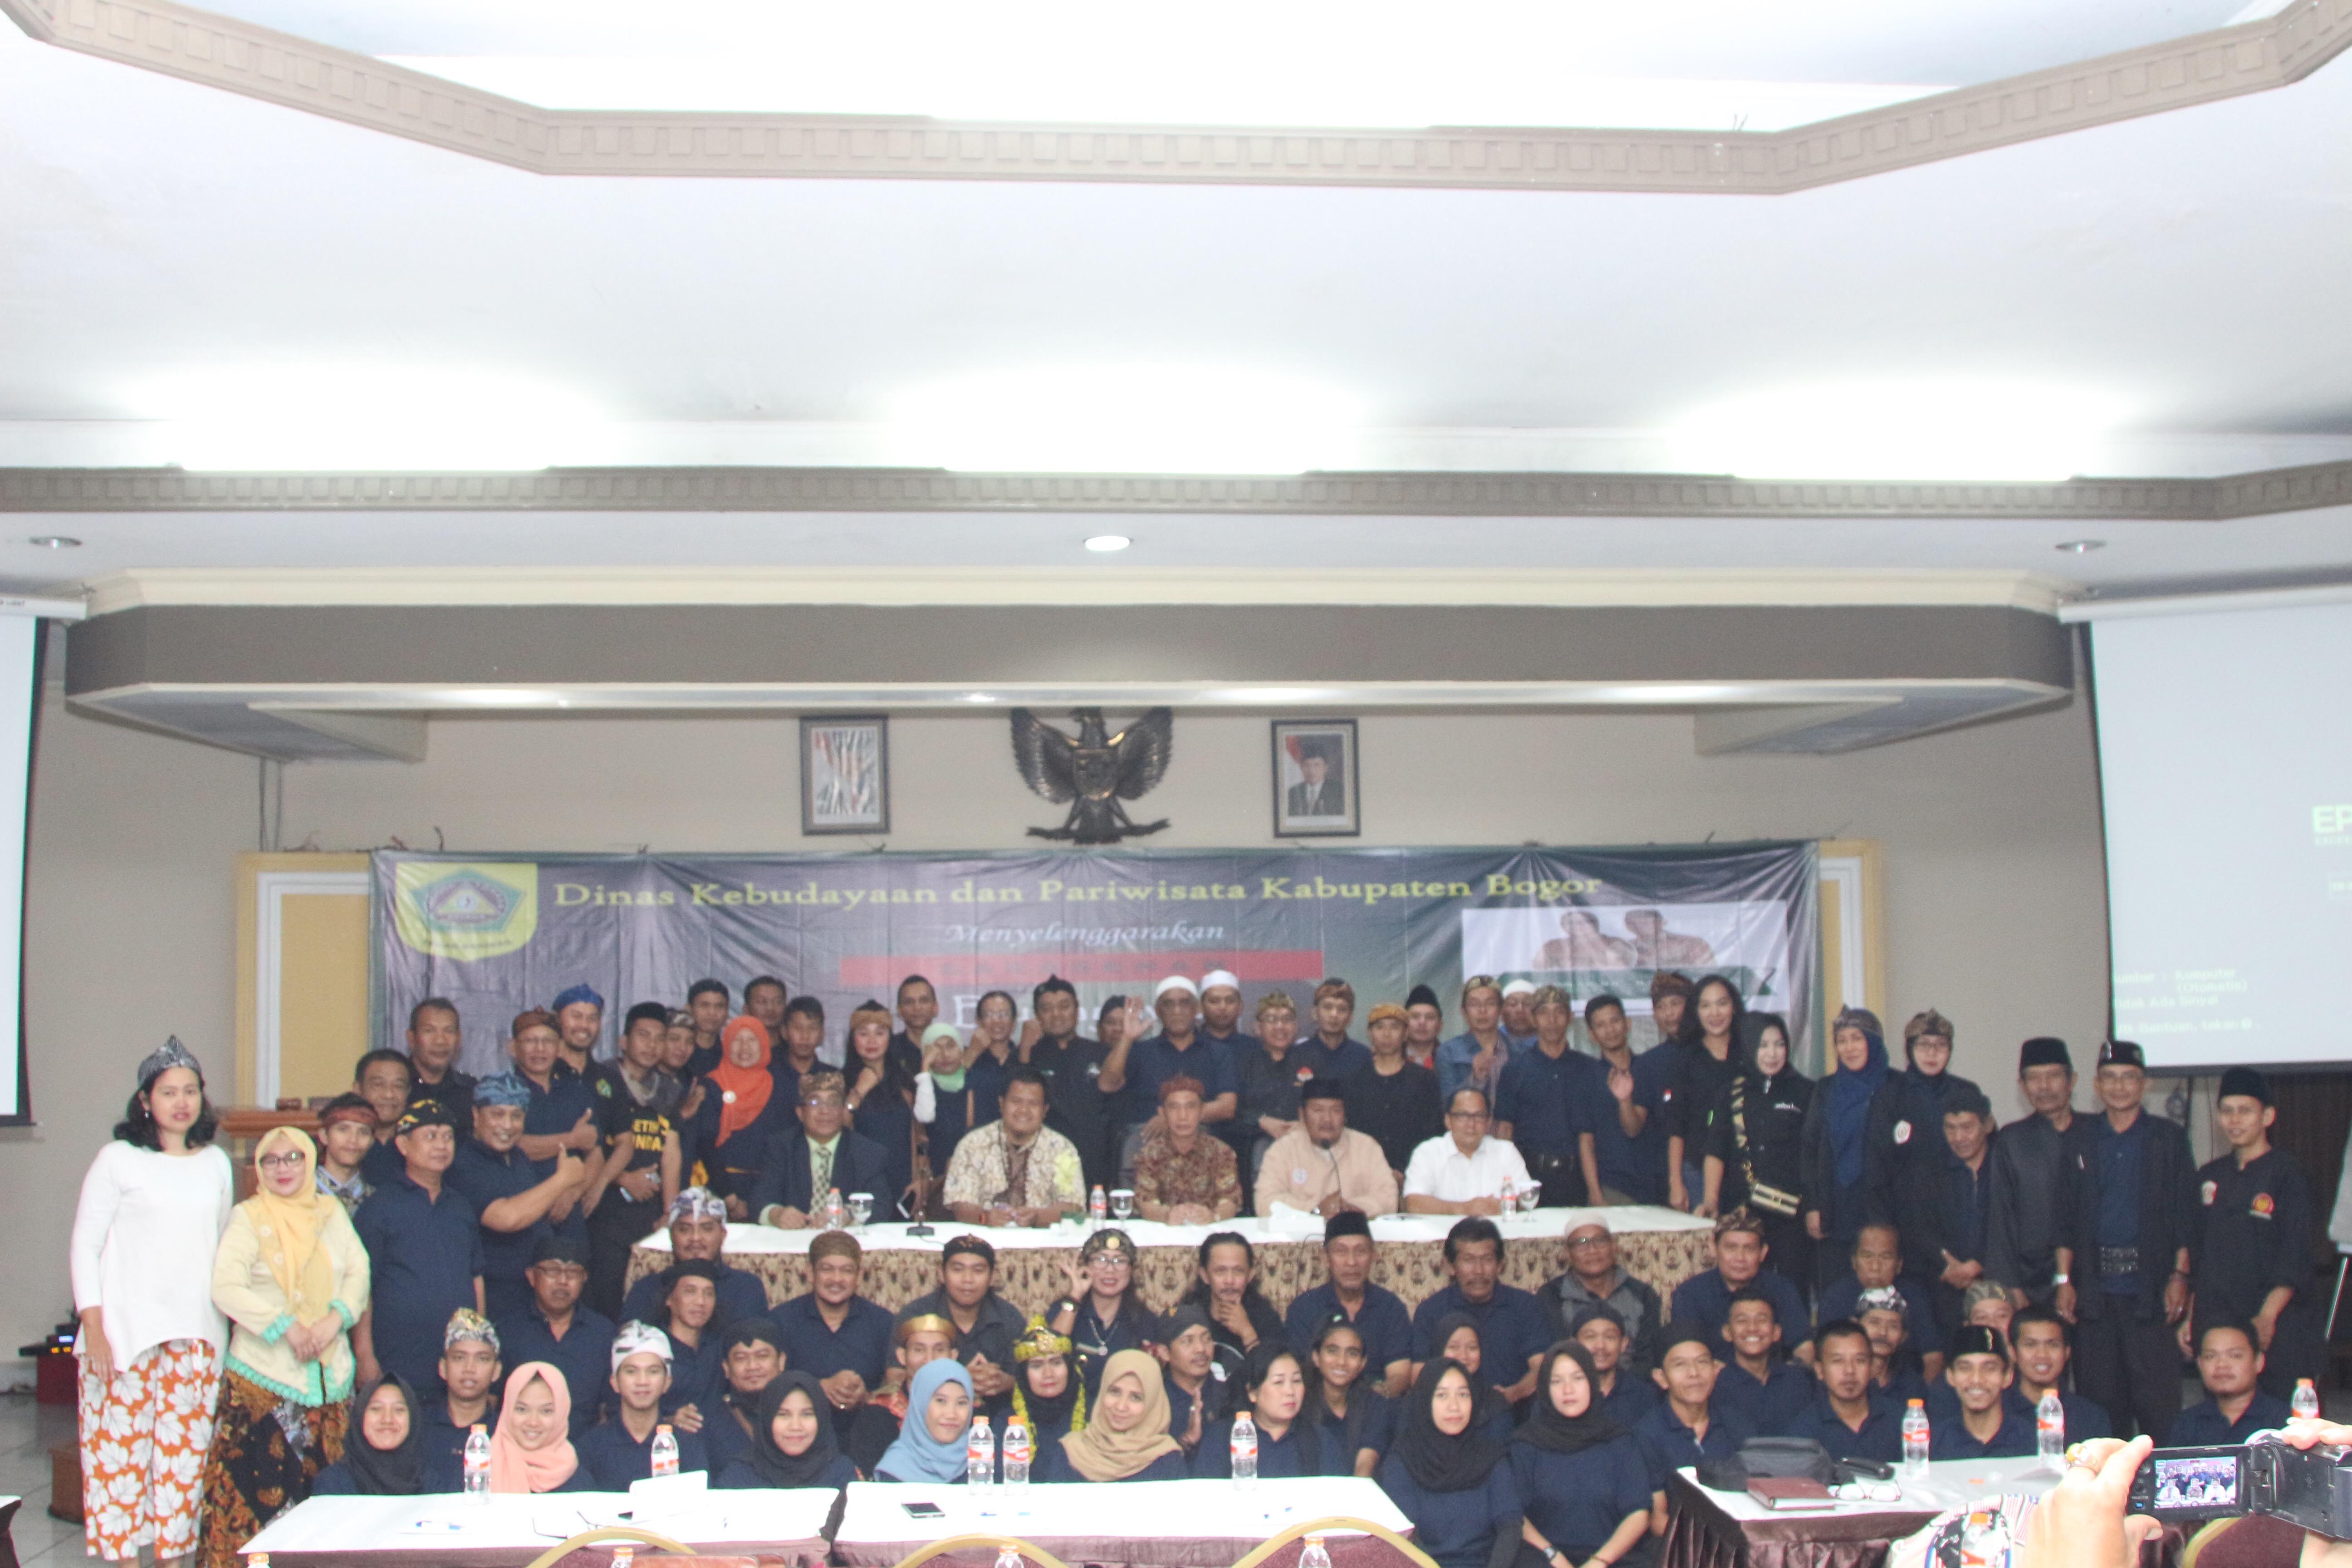 Sarasehan Budayawan Pencak Silat Kabupaten Bogor Mengusulkan Penguatan Budaya Penca Lokal yang Menginternasional